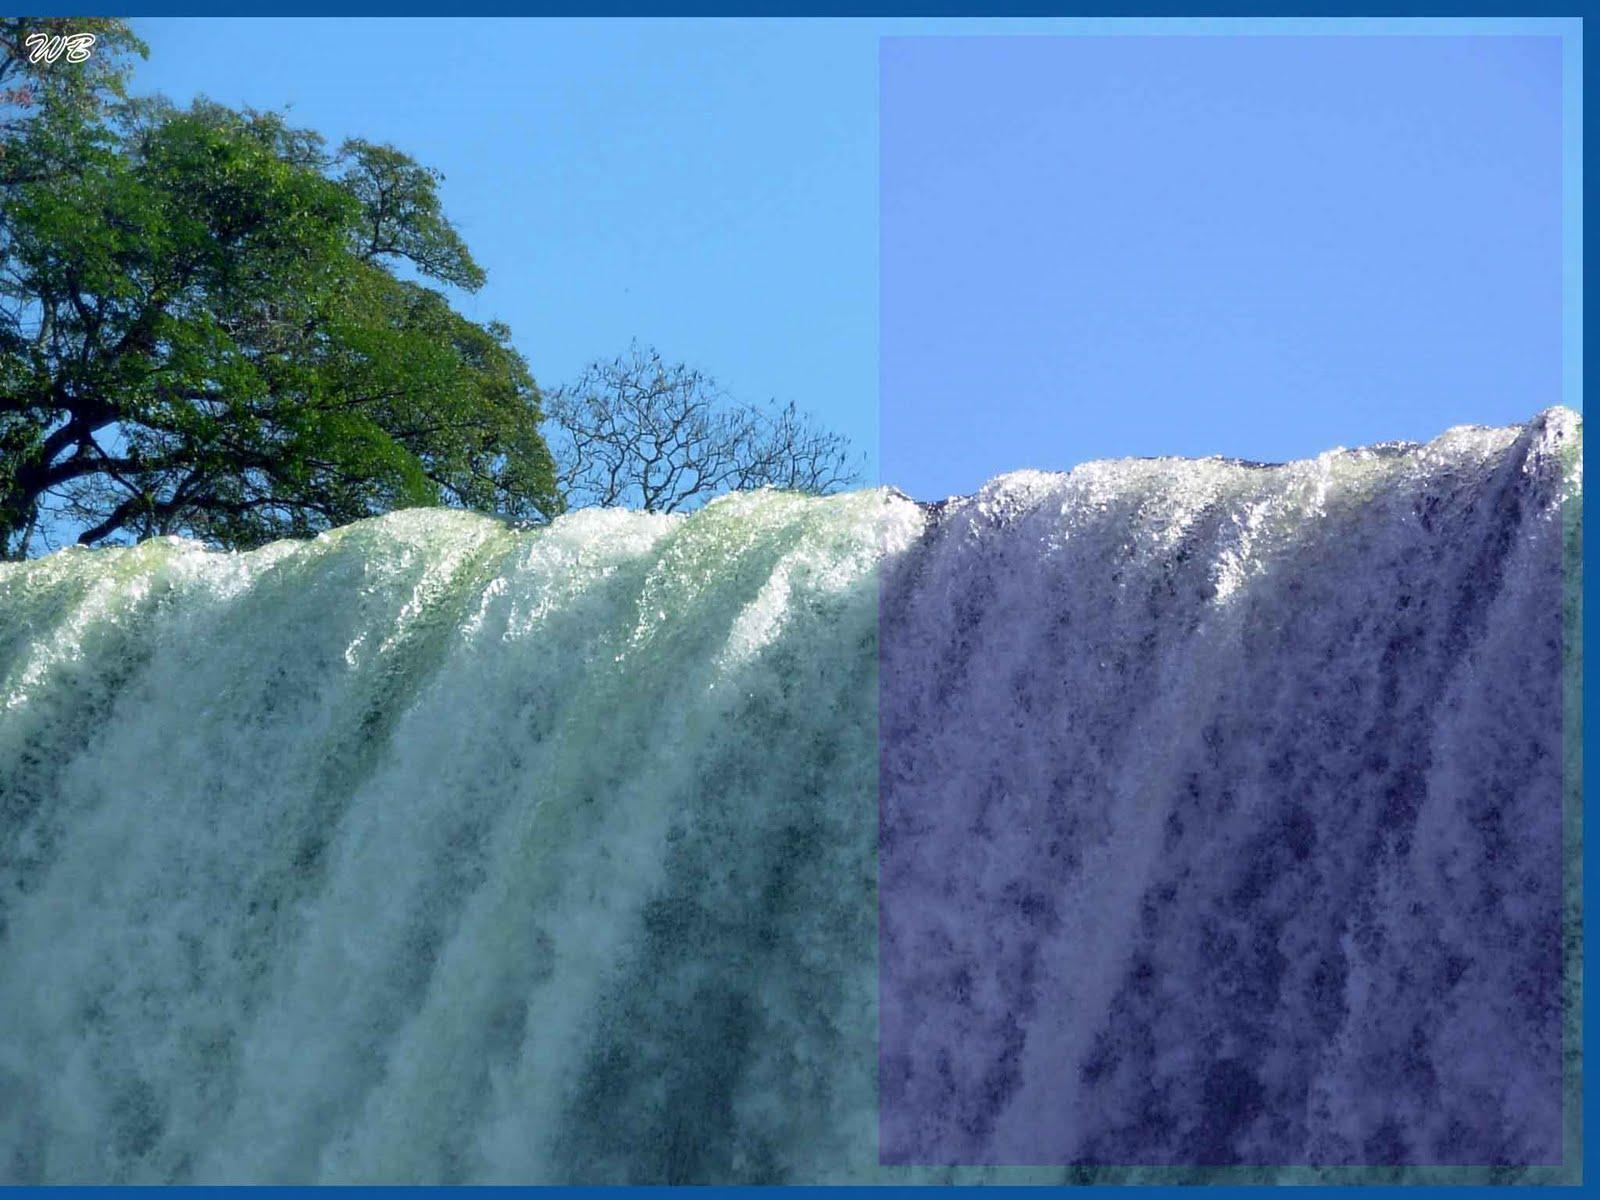 11 Consejos Para Fotografiar Impresionantes Cataratas Con: Fotografía: Arte Y Expresión: FOTOS: Cataratas Del